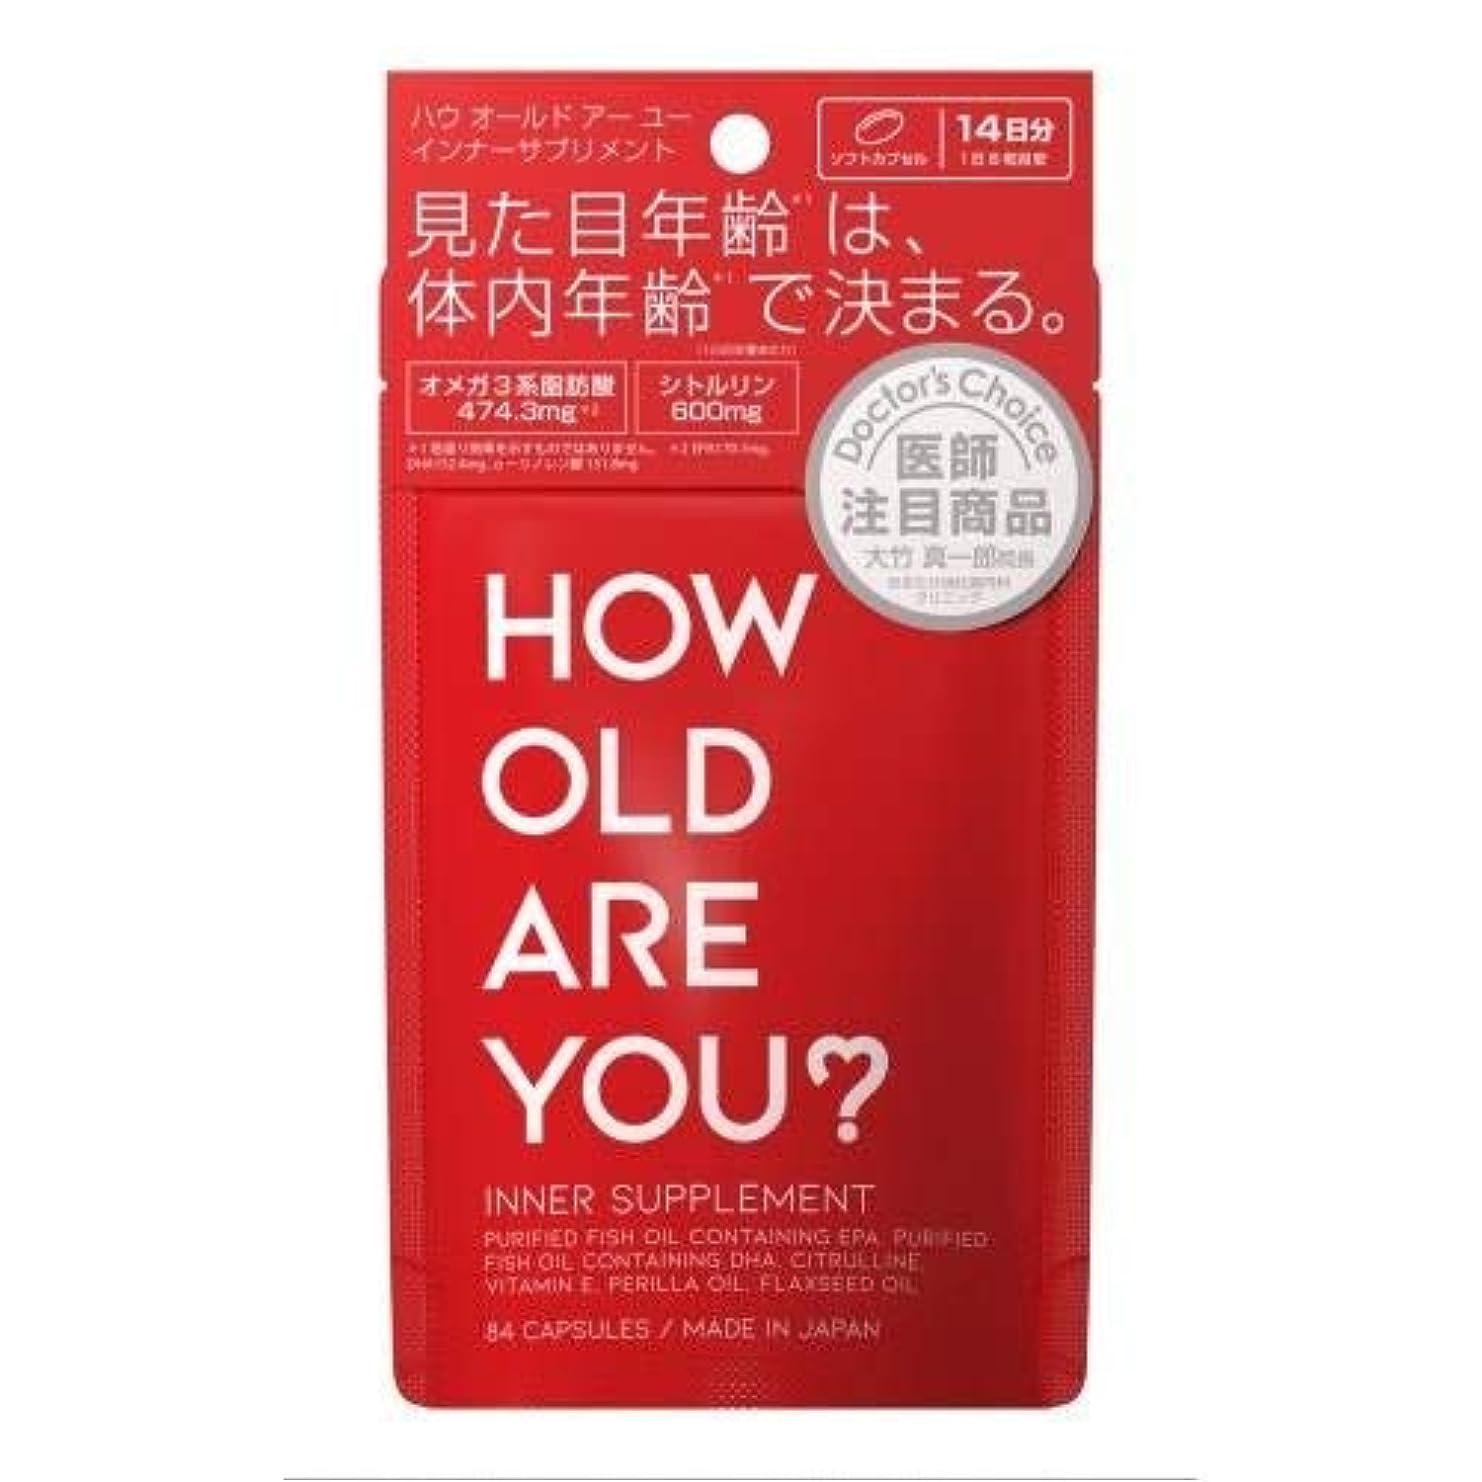 メロドラマティックスライス受け入れた【2個セット】HOW OLD ARE YOU?インナーサプリメント 84粒